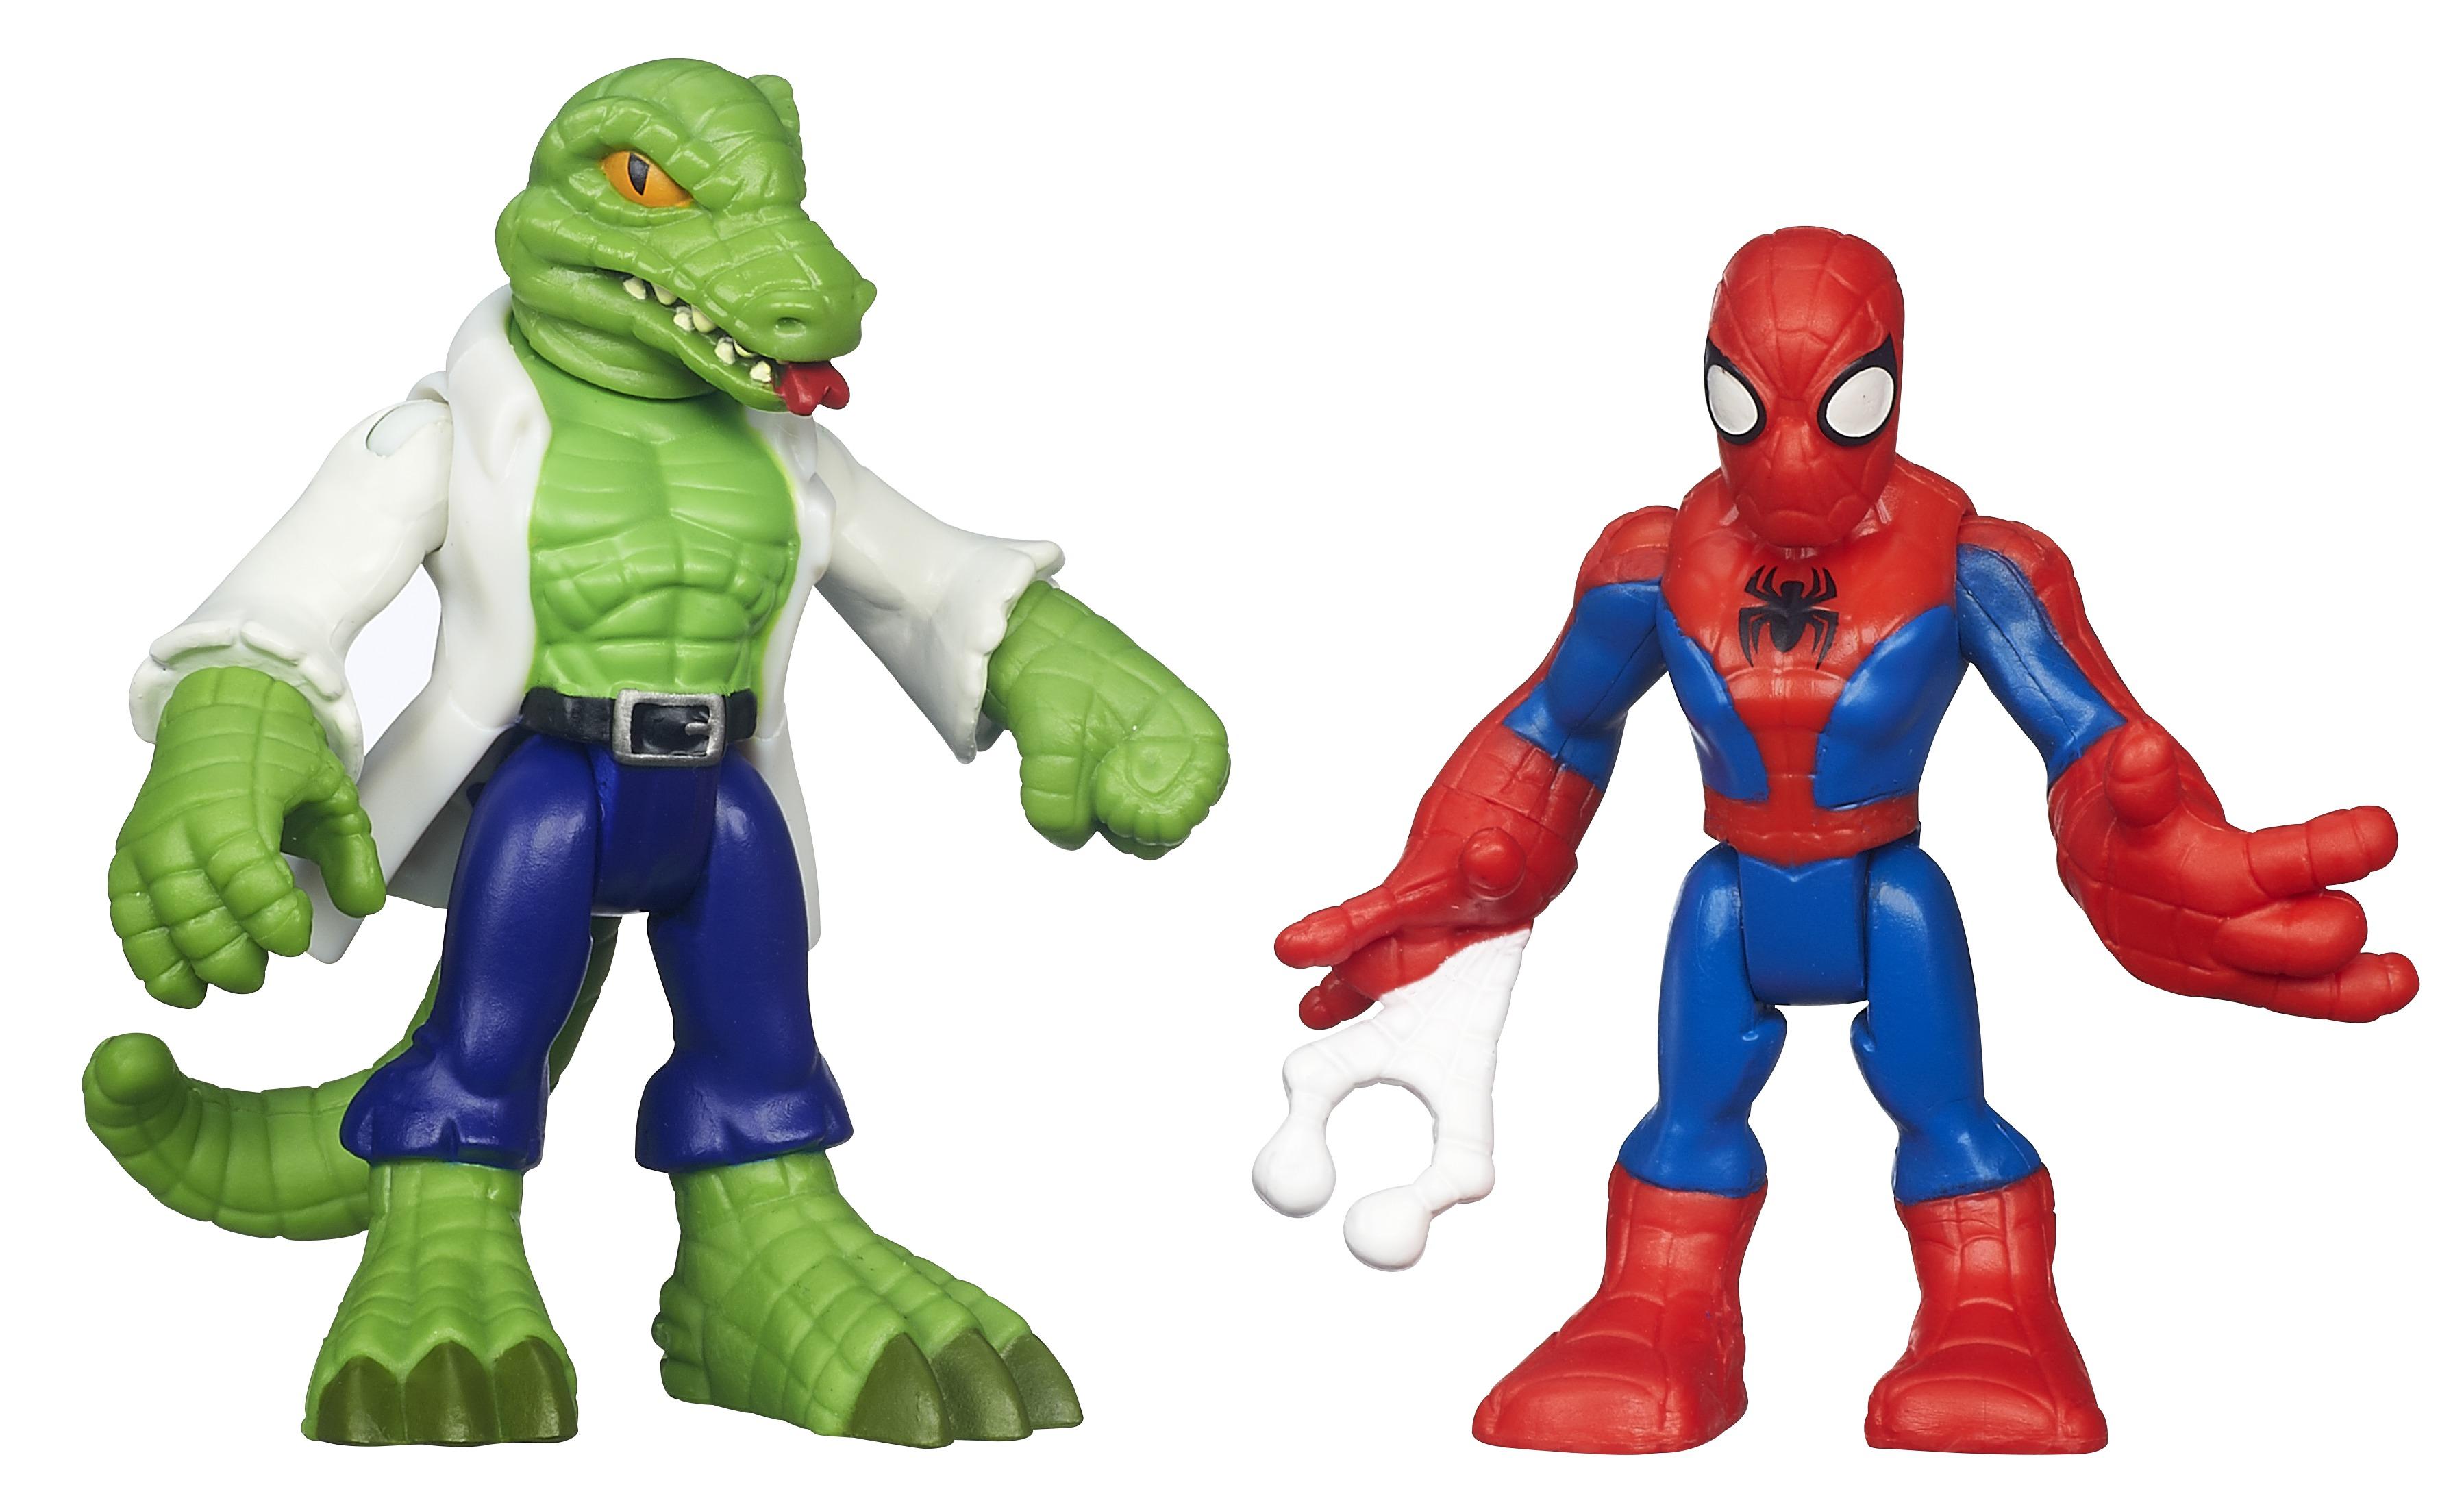 Playskool Heroes Набор фигурок Spider-man & LizardA7109EU6Набор фигурок Spider-man станет прекрасным подарком для вашего ребенка. Набор содержит 2 культовых персонажа из комикса про Человека-Паука, с которыми можно играть бесконечно. Фигурки выполнены из прочного яркого пластика. Голова, руки и ноги фигурок подвижны, что позволит придавать им различные позы. Ваш ребенок будет часами играть с этими фигурками, придумывая различные истории с участием любимых героев. Человек-паук - супергерой, получивший суперсилу, увеличенную ловкость, паучье чутье, а также способность держаться на отвесных поверхностях и выпускать паутину из рук. Теперь он готов наказать злодеев, которые покушаются на покой его родного города!